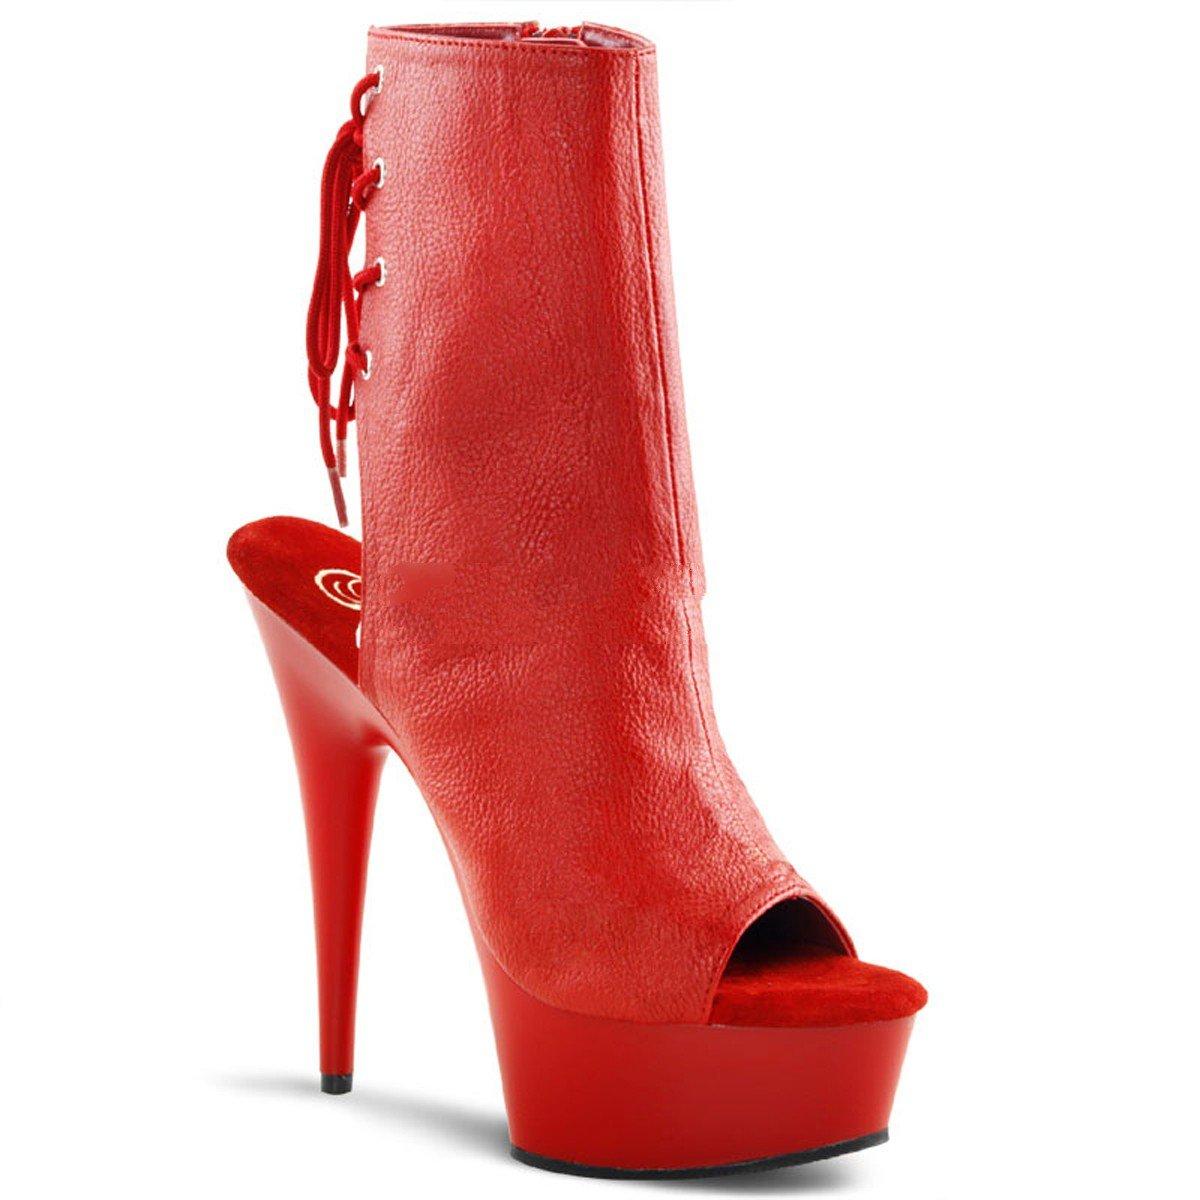 Pleaser Delight-1018 - Sexy Plateau High Heels Stiefeletten 36-45 36-45 36-45 Größe EU-45   US-14   UK-11 80406f